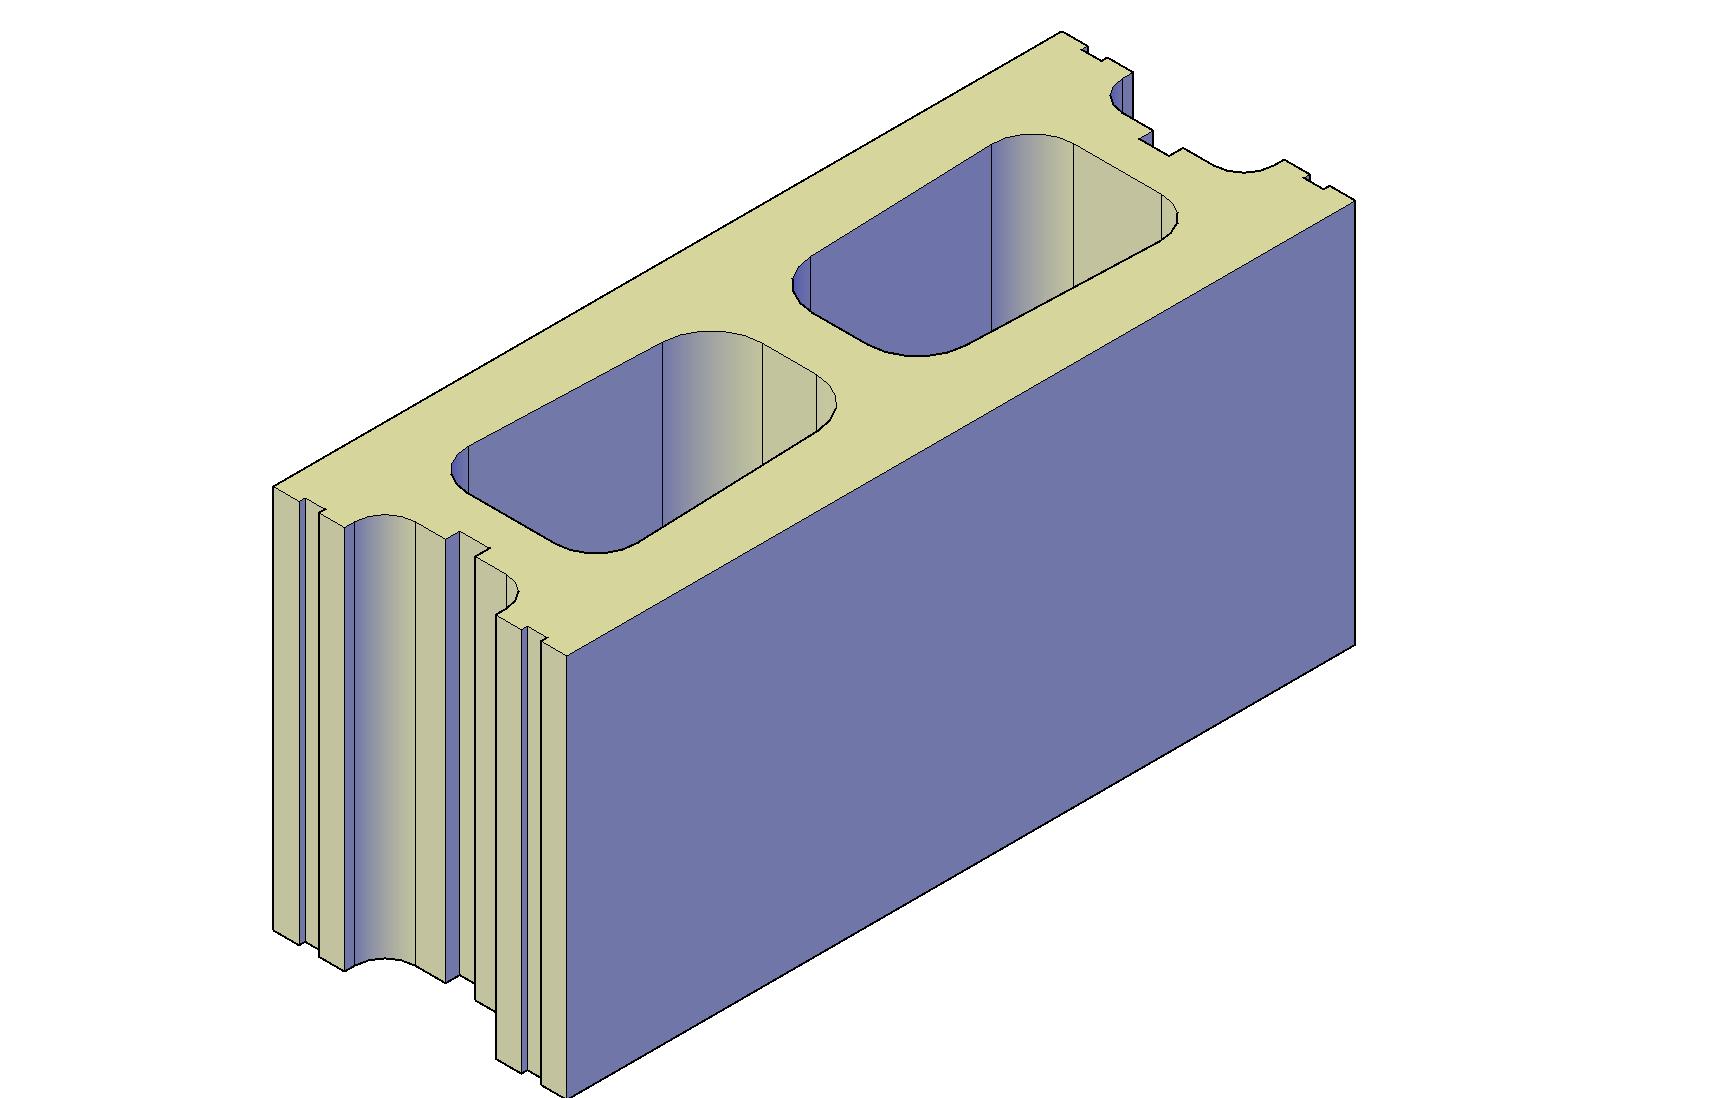 Concrete block plan detail dwg file.